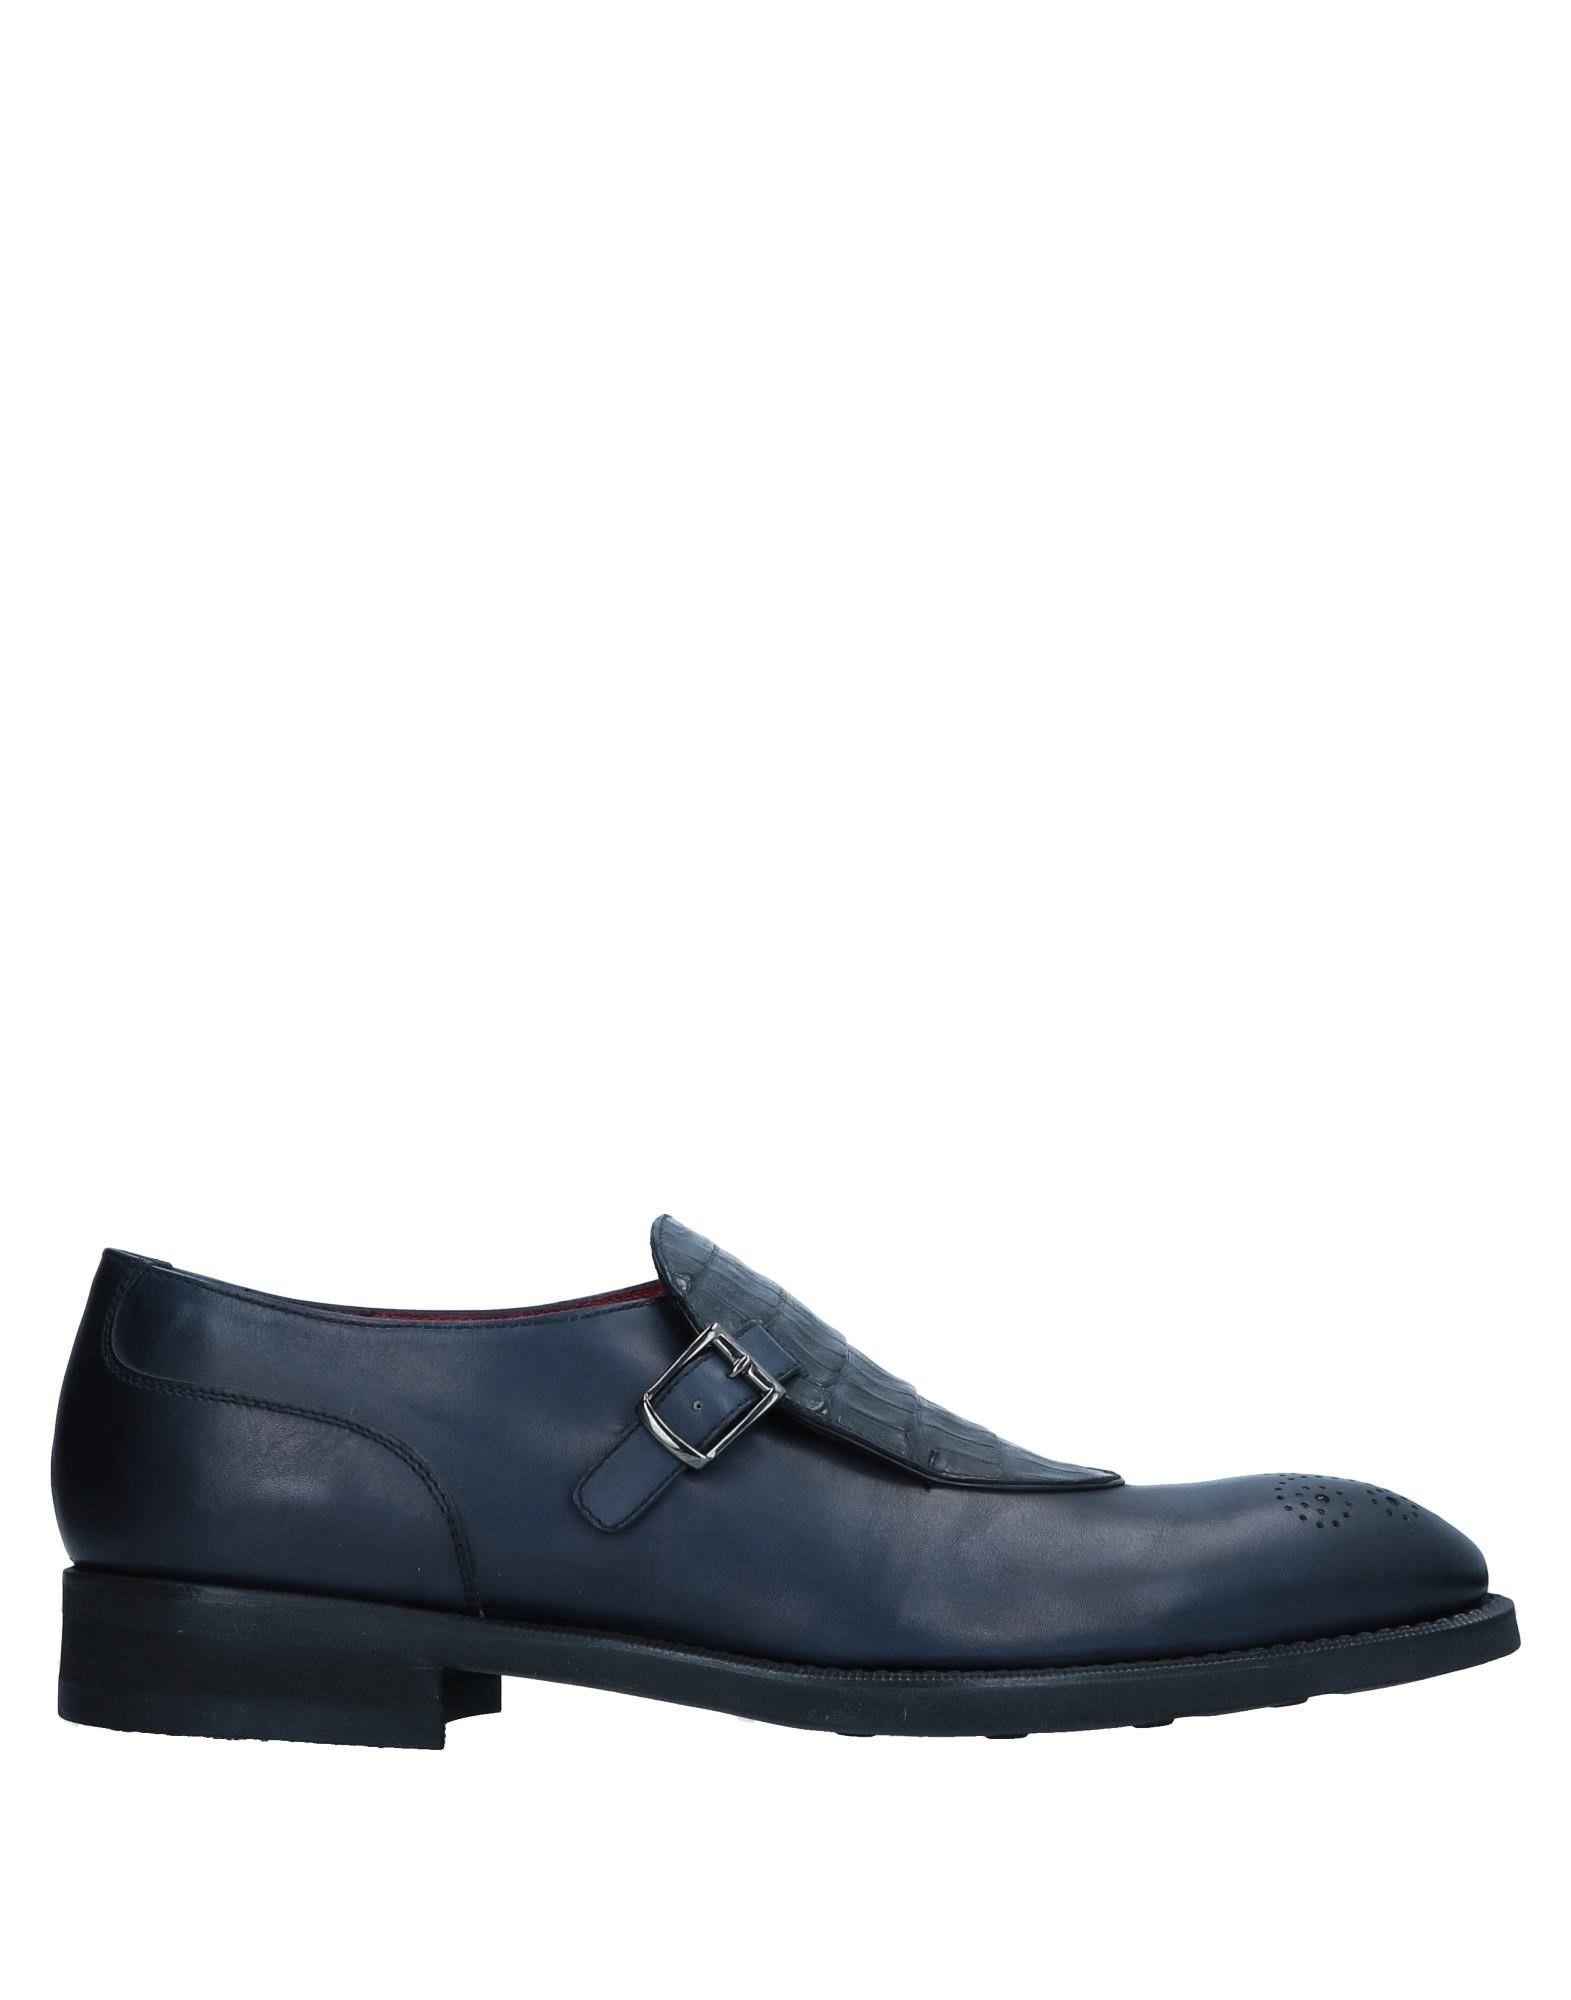 Barrett Mokassins Herren  Schuhe 11548341QI Gute Qualität beliebte Schuhe  a8727a